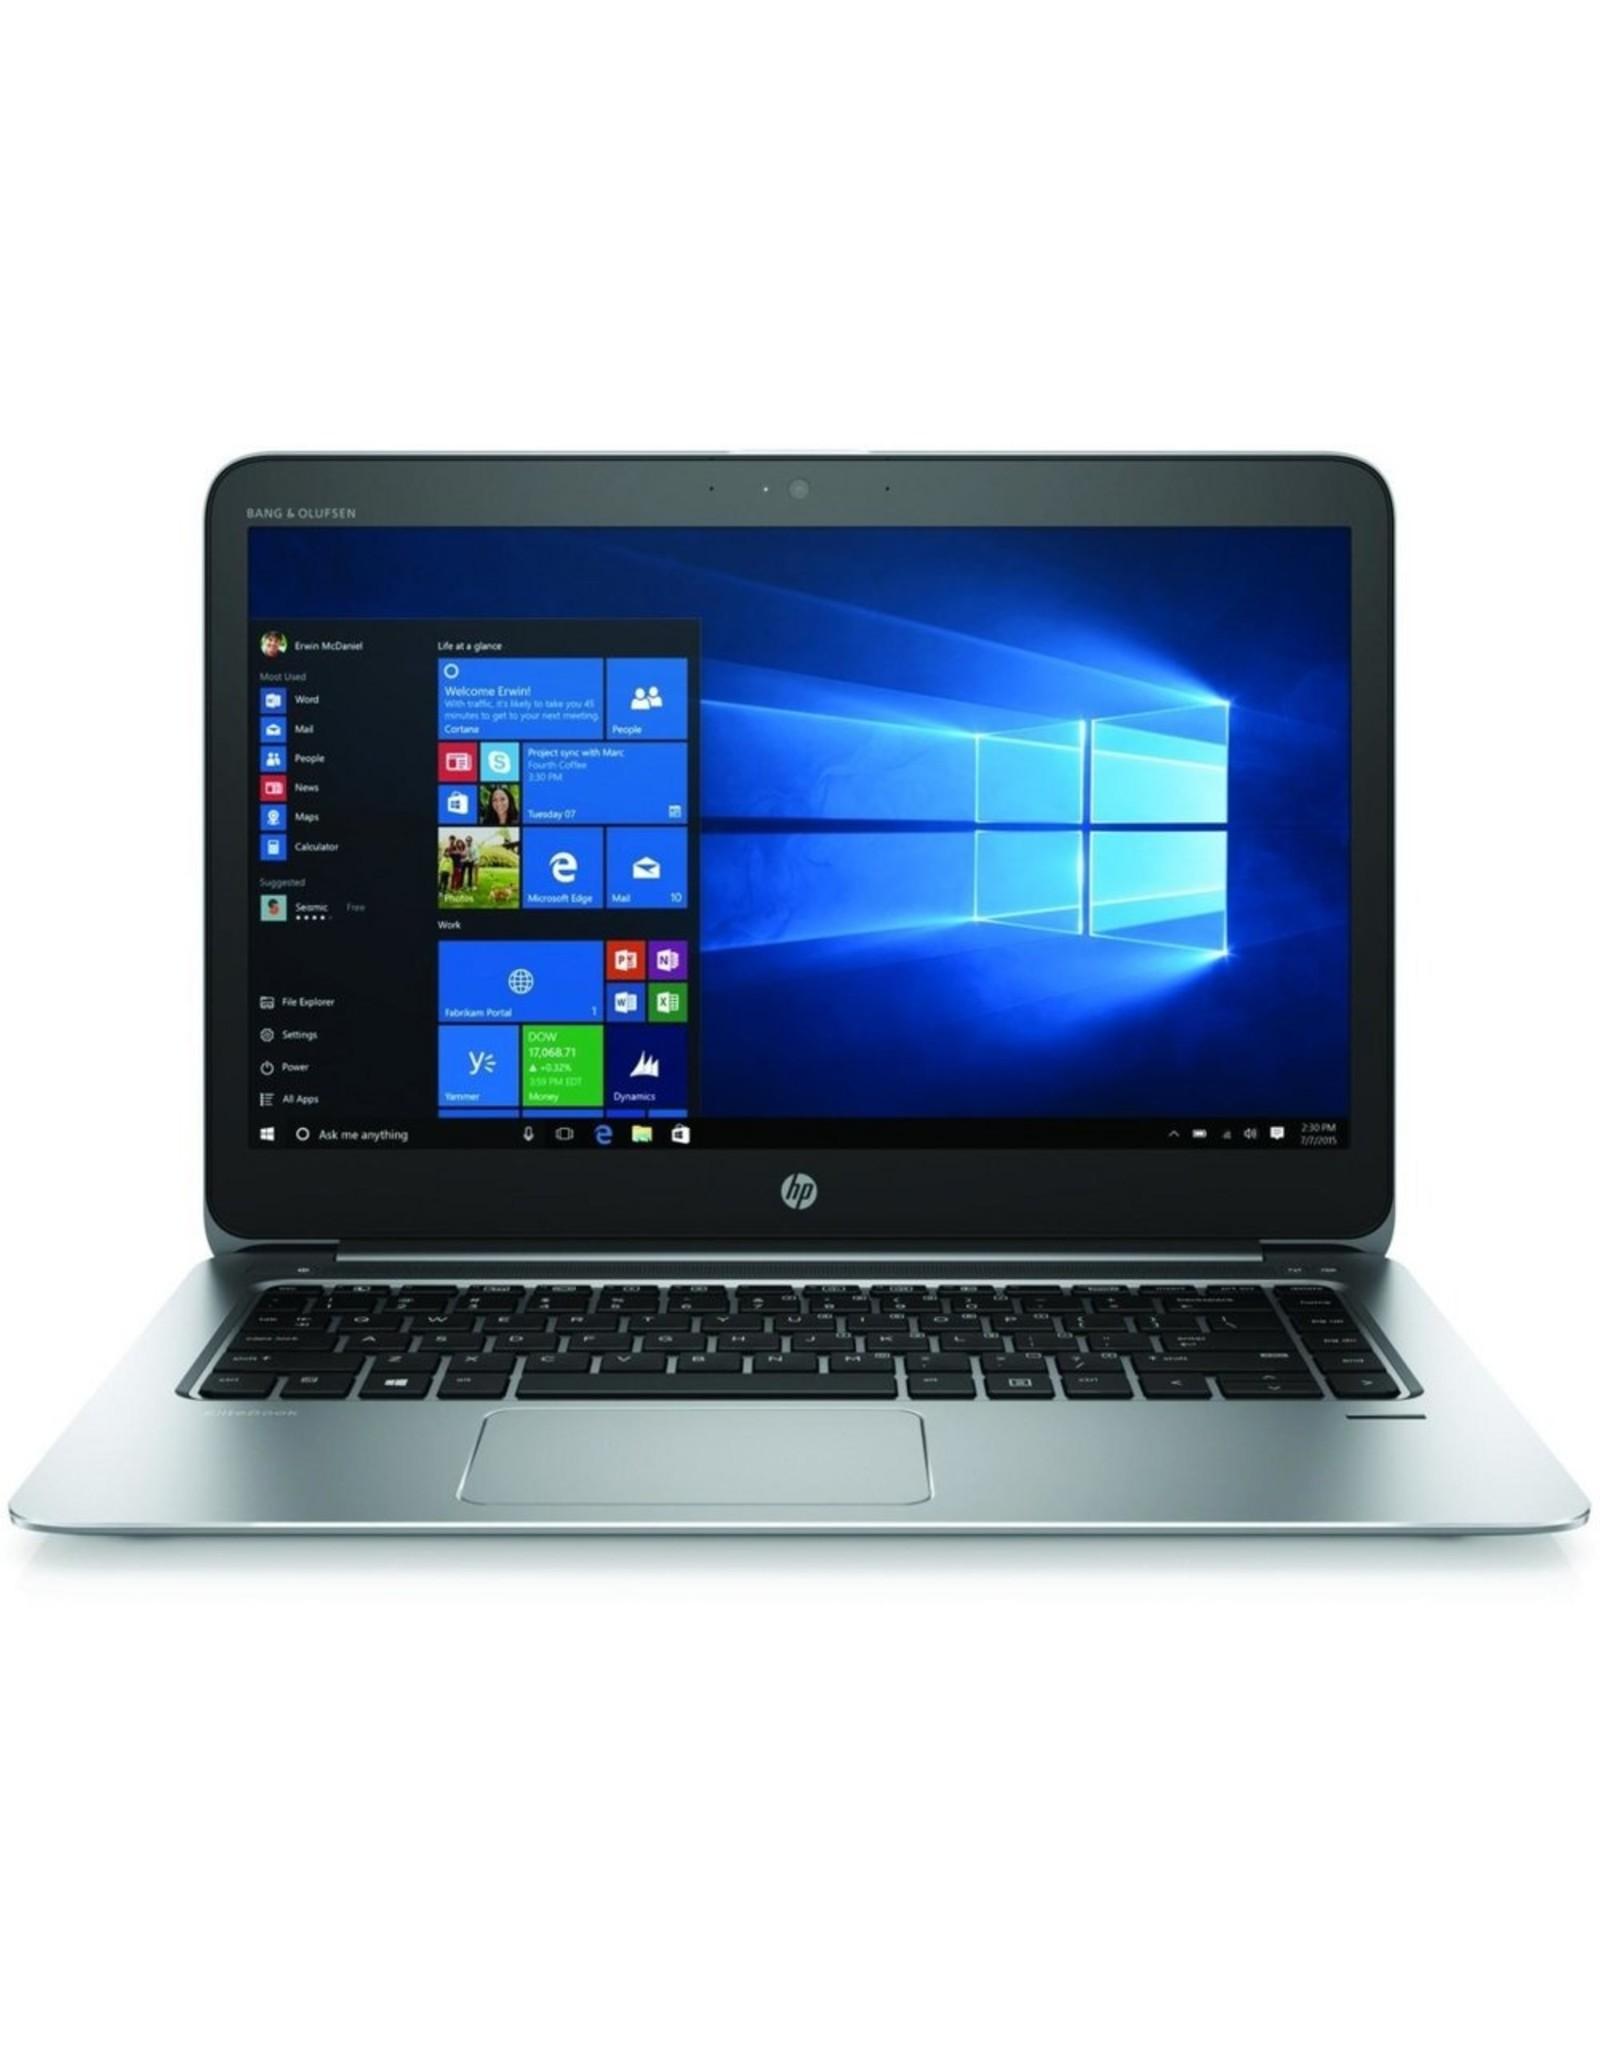 Hewlett Packard HP 1040 G3 14.0 QHD TOUCH I5 6300U 16GB 256GB SSD W10P RFB (refurbished)